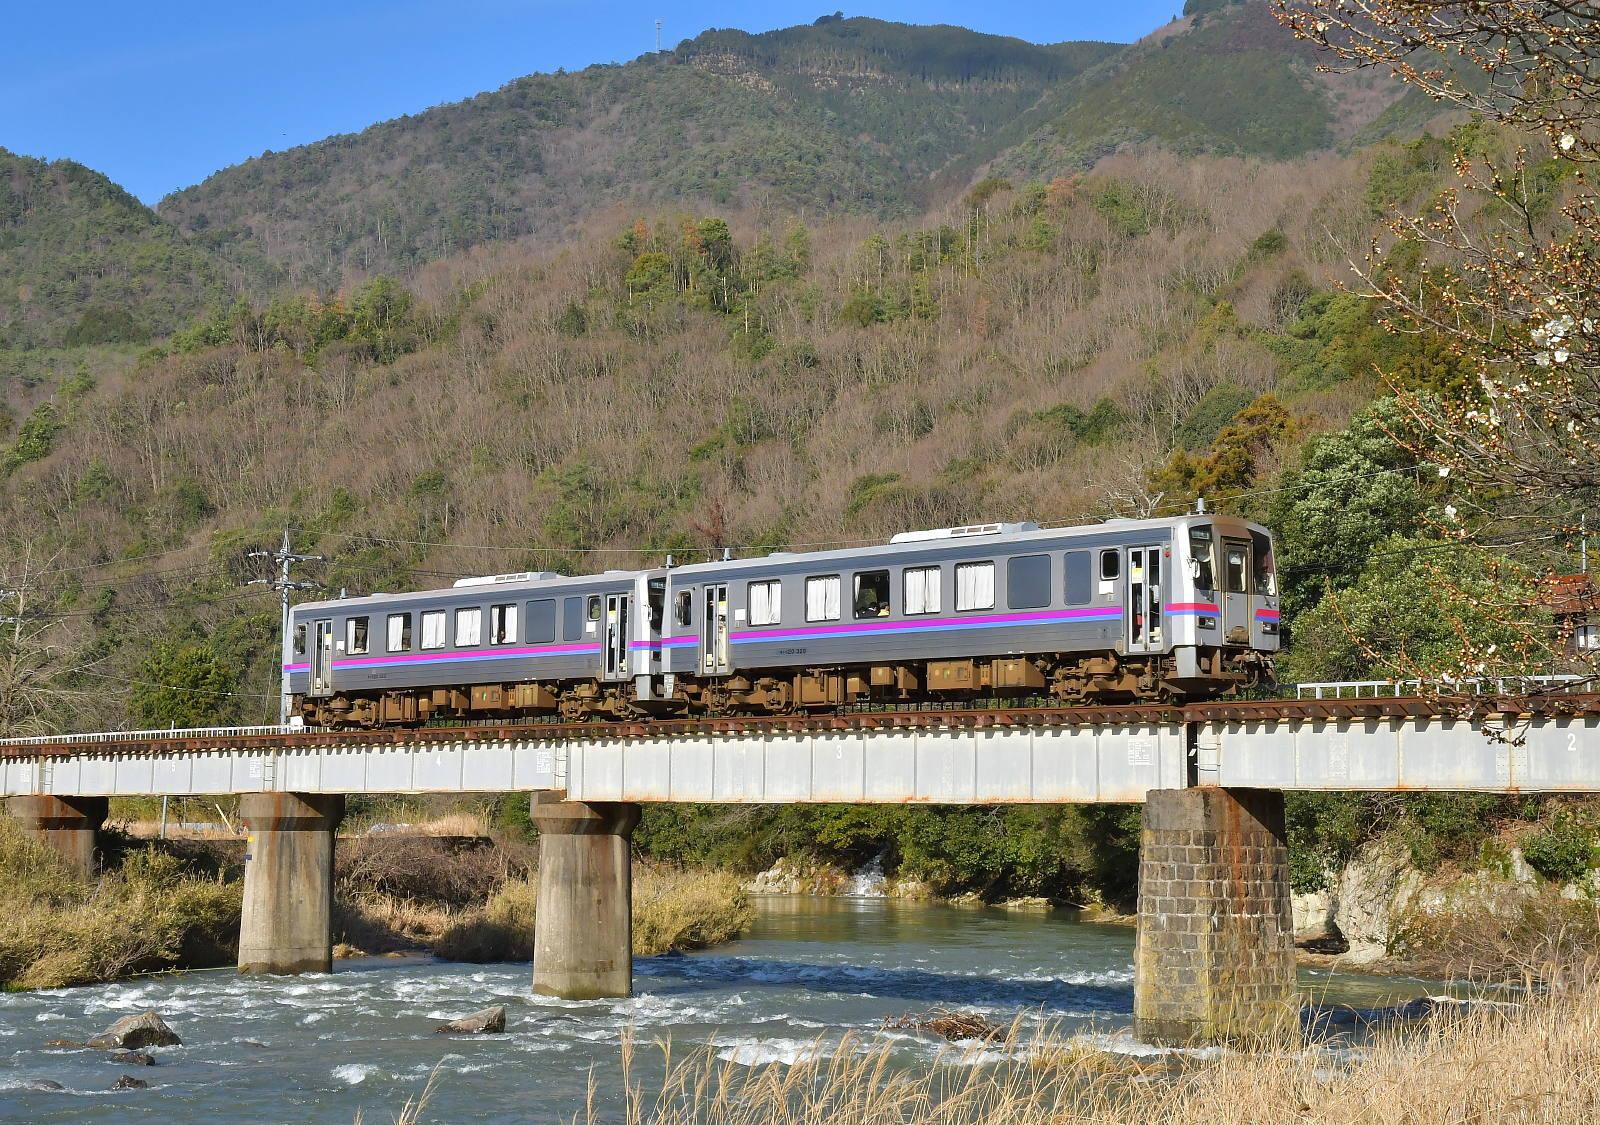 芸備線三篠川橋再訪_a0251146_02441497.jpg